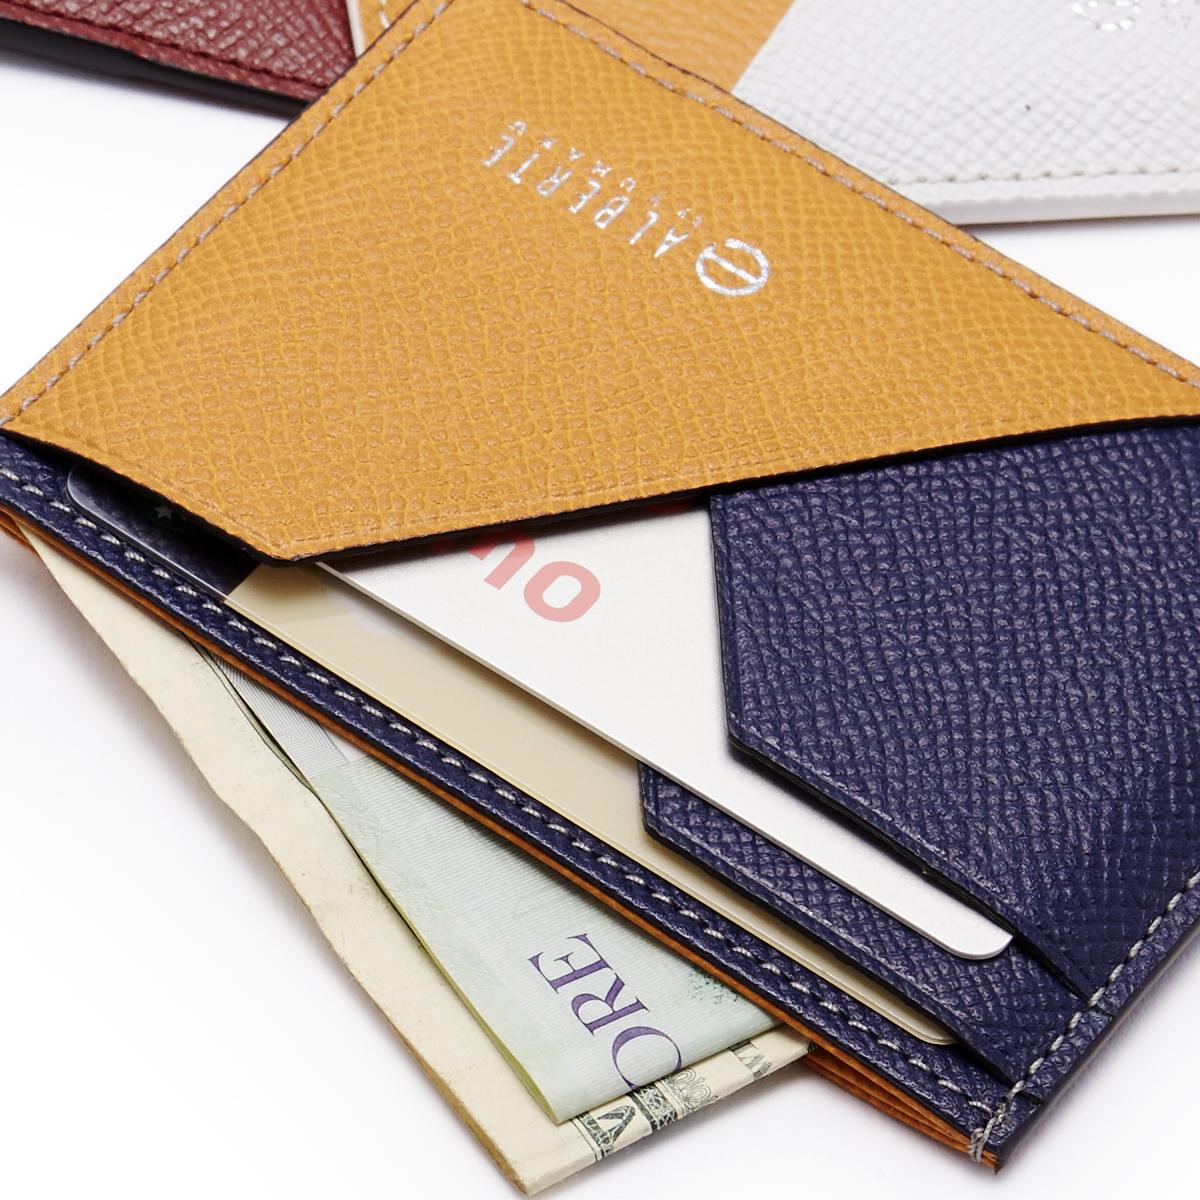 薄さと収納性を両立した、支払いも収納もスマートな革財布(パスケース)|ALBERTE